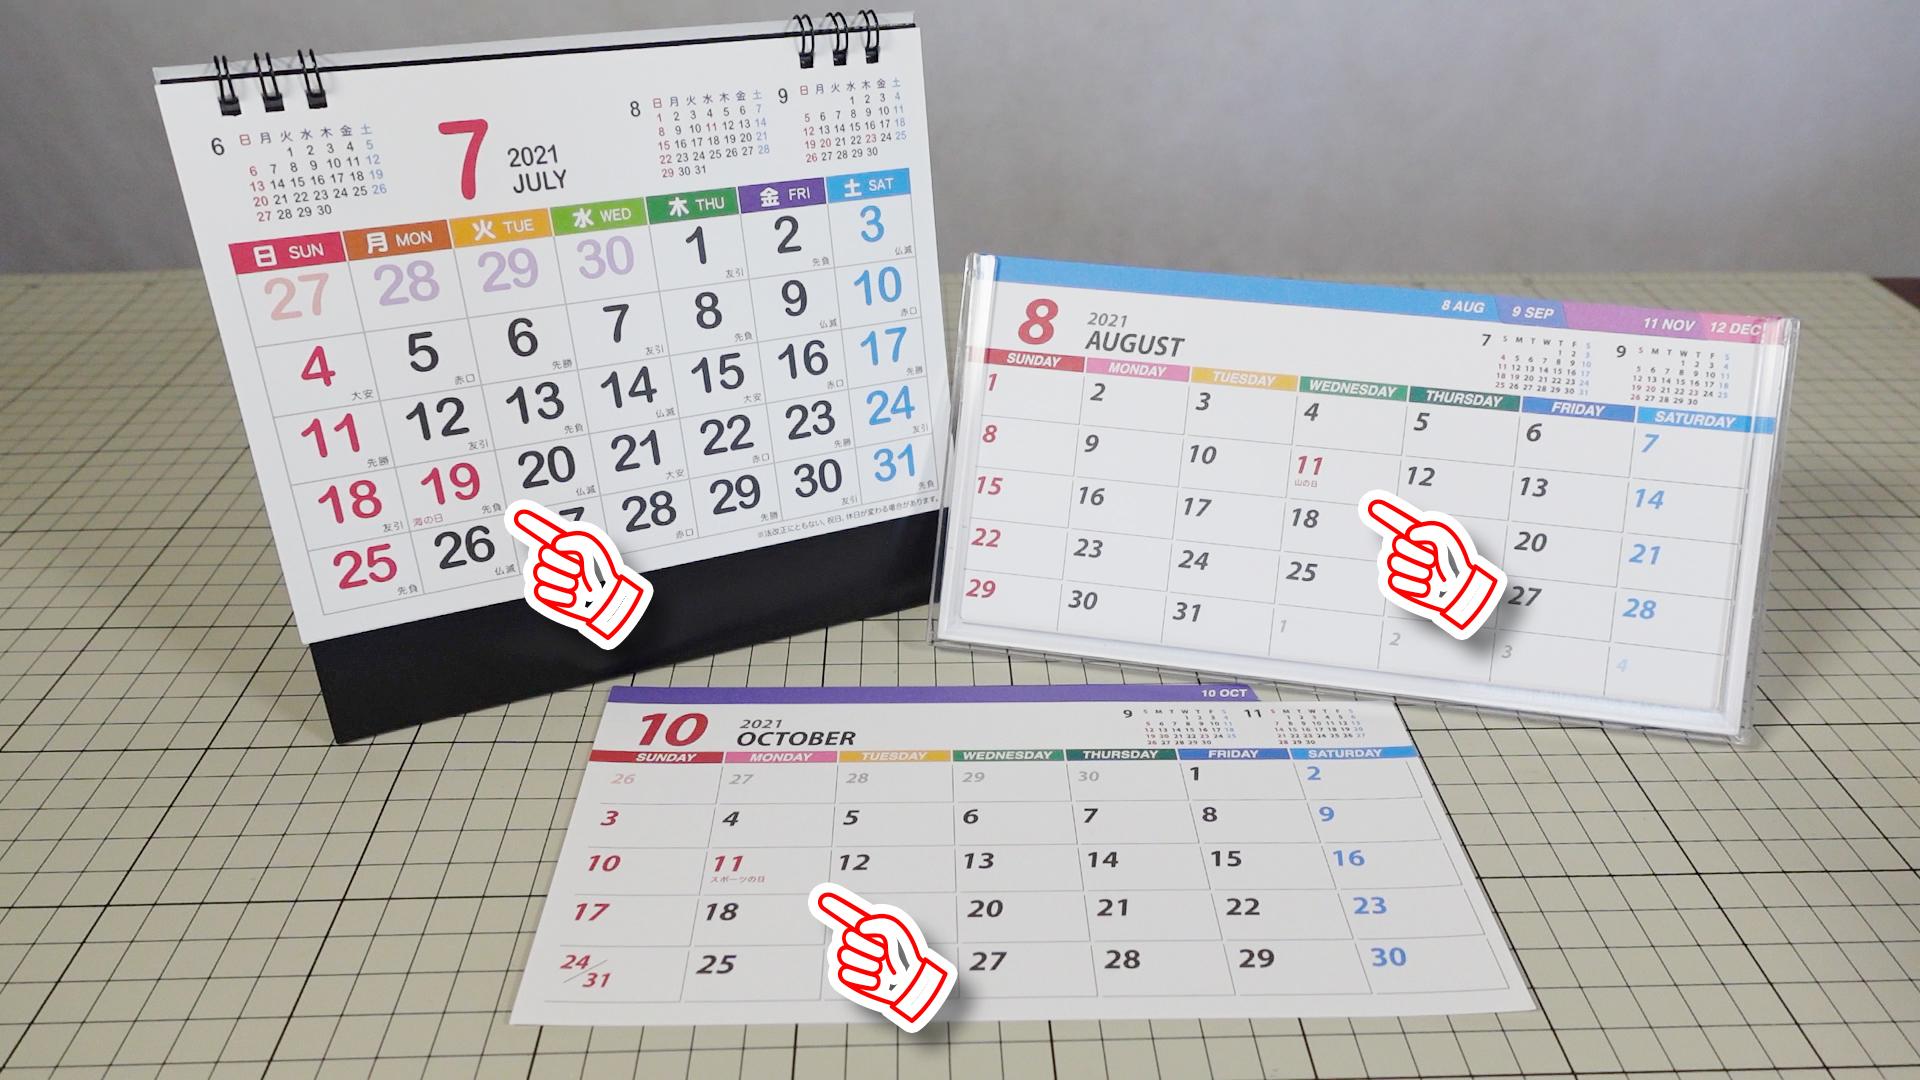 実際のカレンダーで、このように間違った祝日の表記になっているものもあるので要注意です。